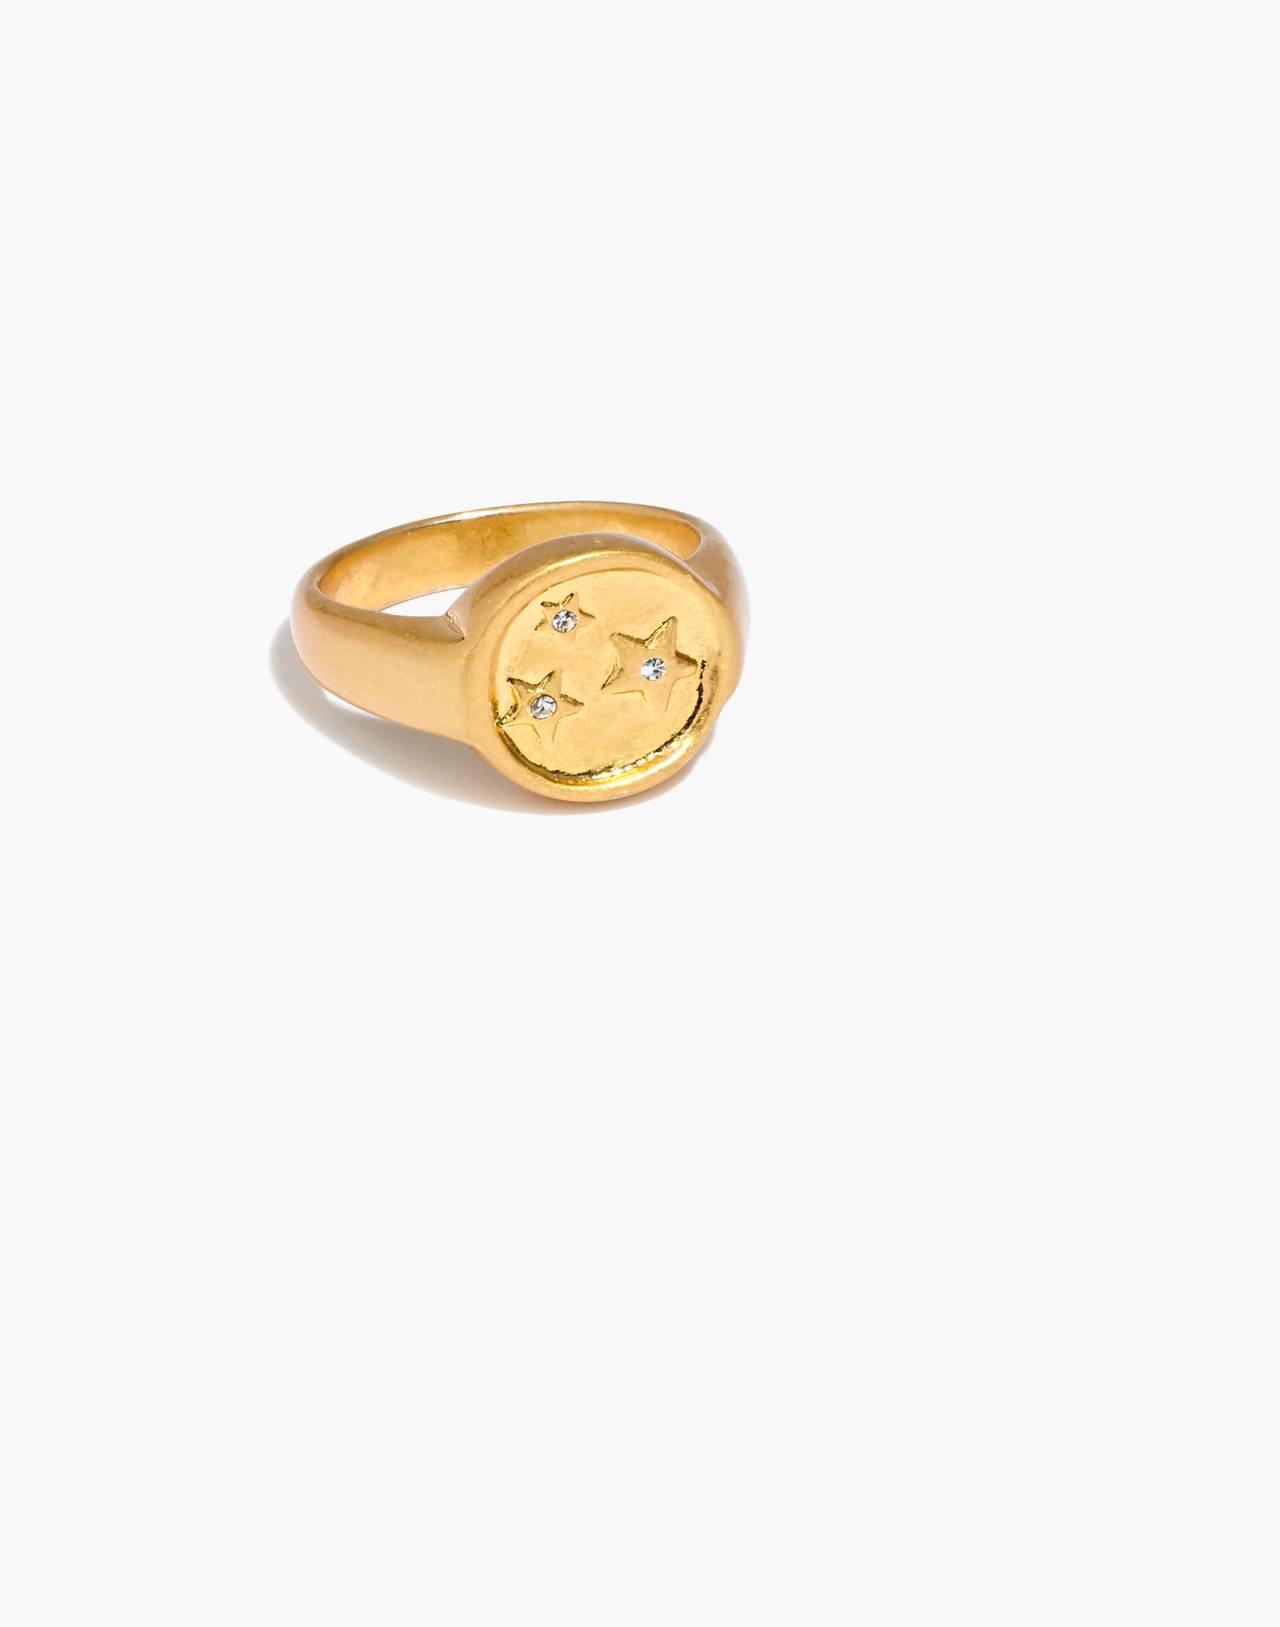 Star Sparkle Signet Ring in vintage gold image 1